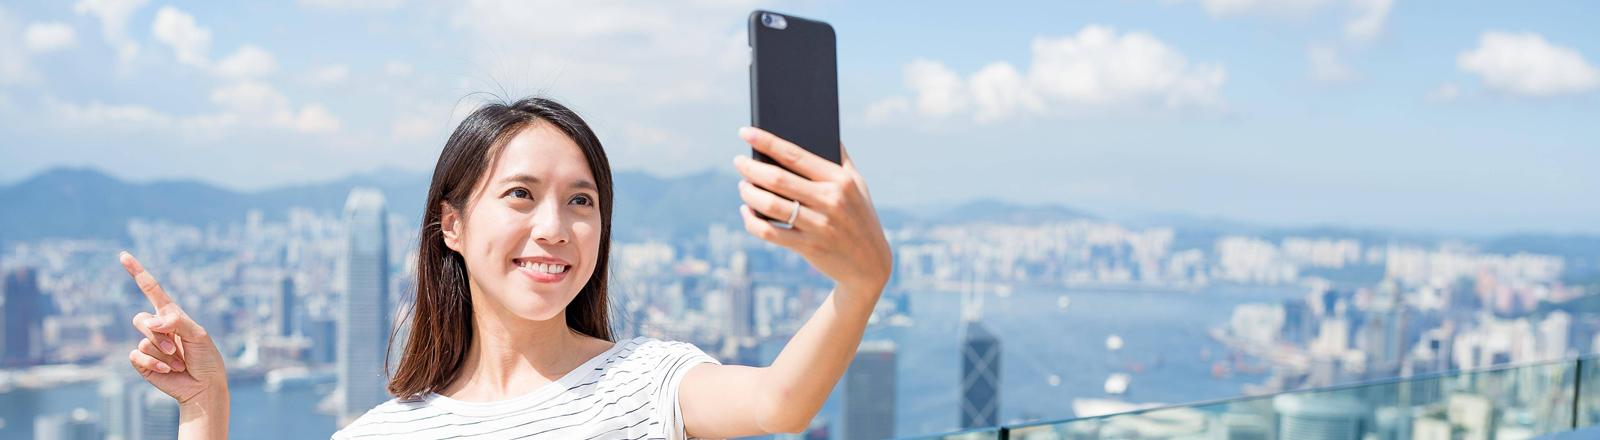 Eine junge Frau steht auf einer Dachterasse und macht ein Selfie vor einem Großstadtpanorama